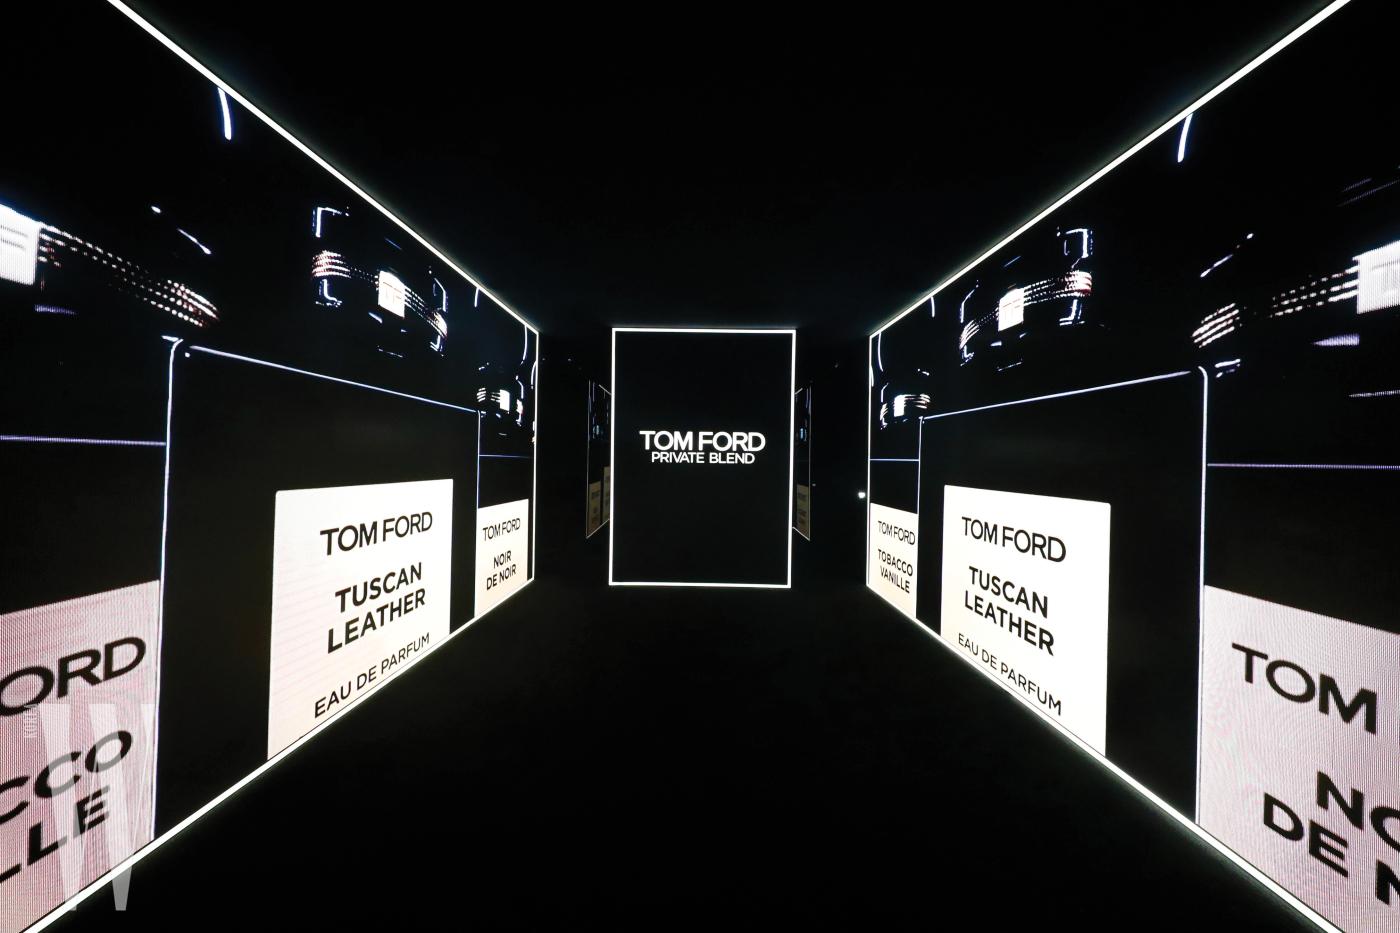 톰 포드의 내레이션으로 시작된 전시의 첫 공간에서는 프라이빗 블렌드에 대한 그의 생각을 엿 볼 수 있었다.